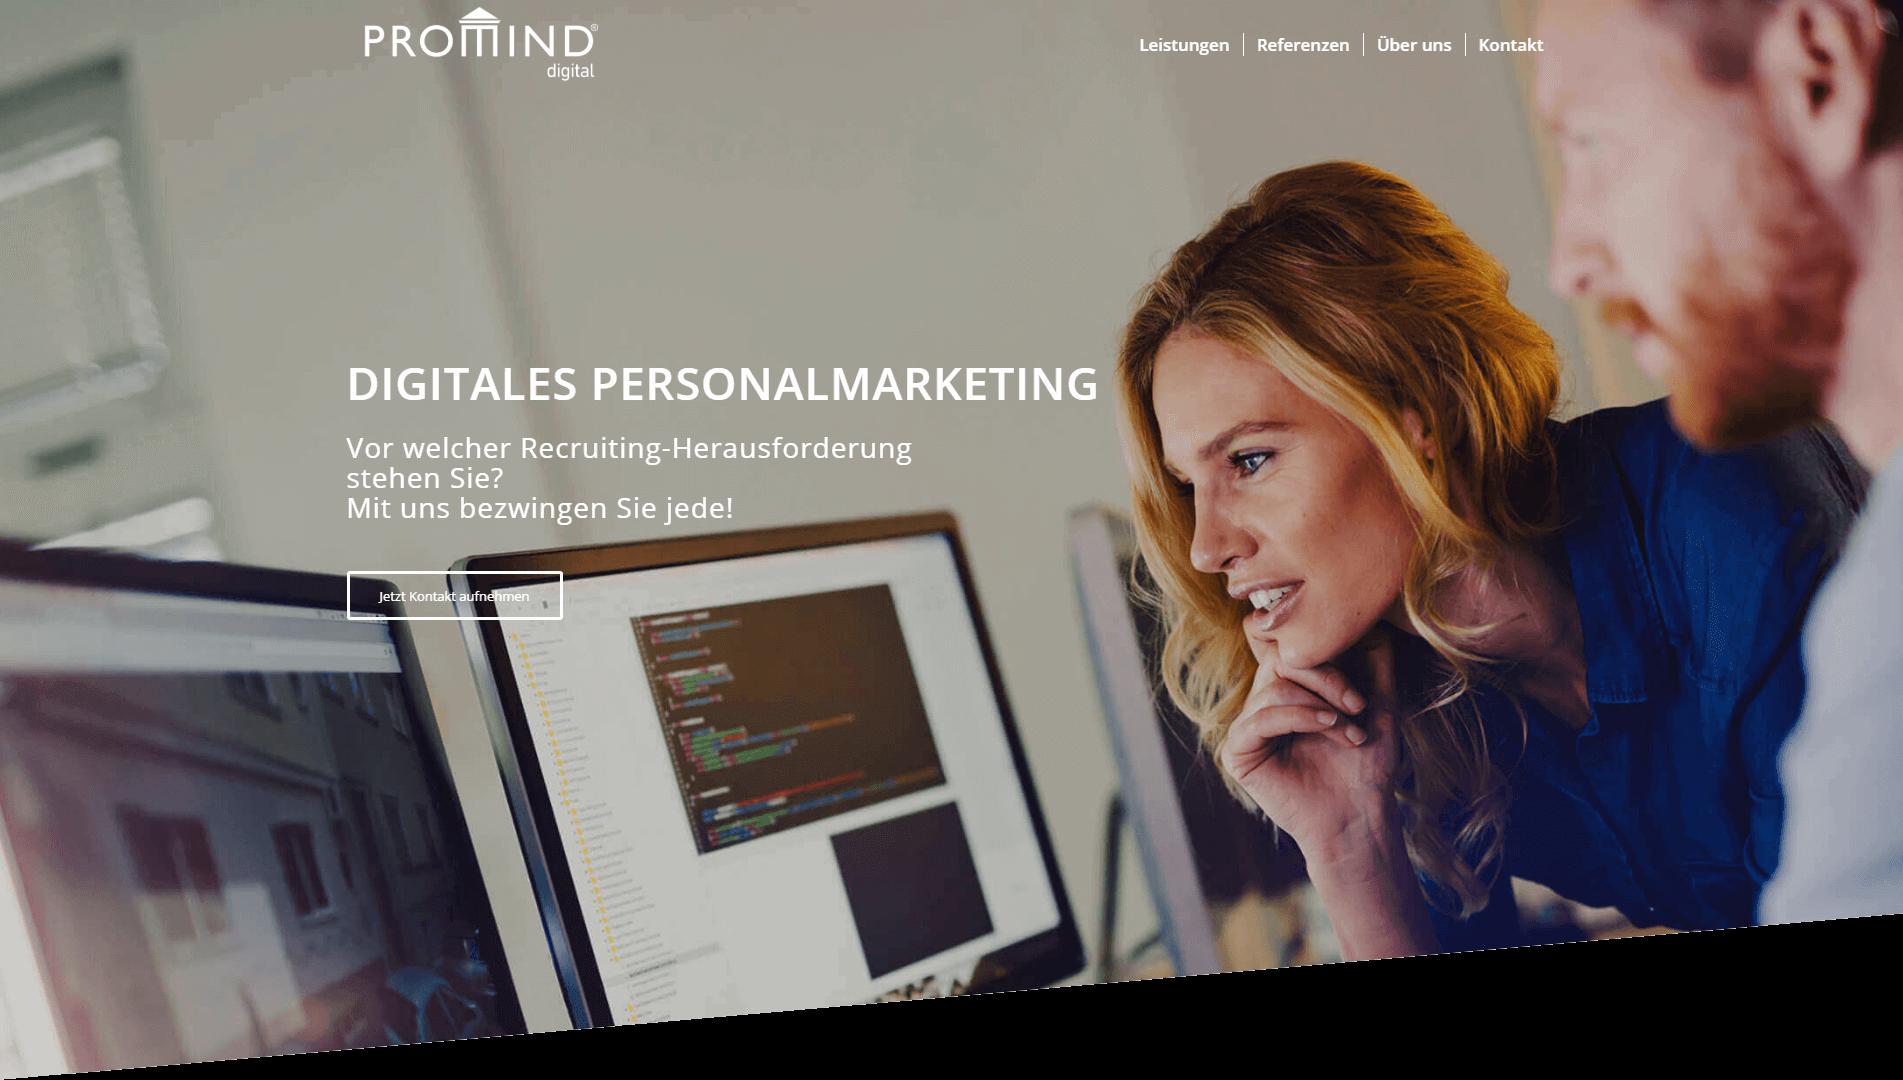 Mitarbeiter von MVI PROMIND digital planen Personalmarketing-Kampagne in München